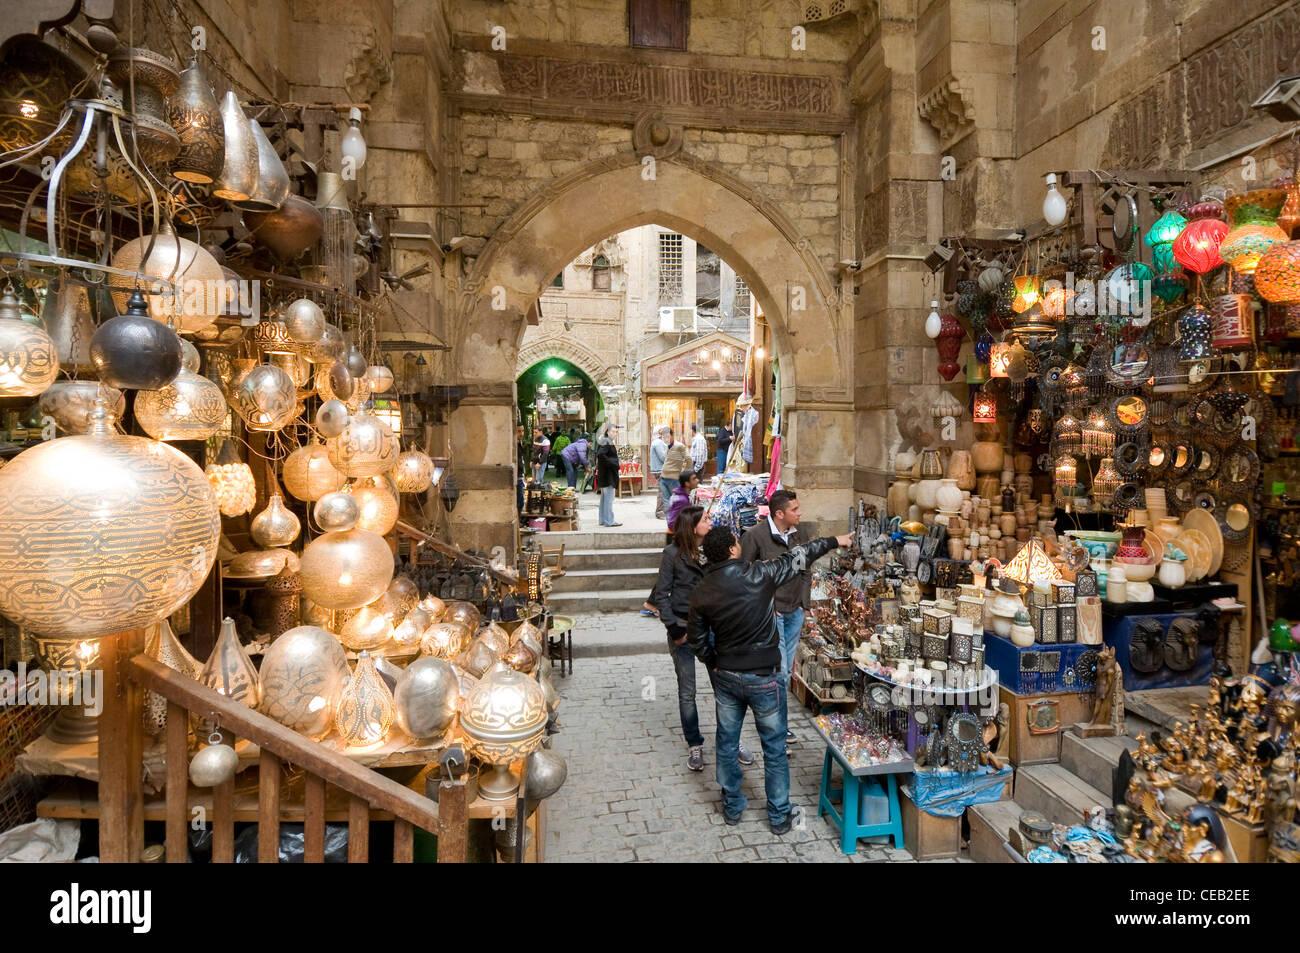 Khan El Khalili Market Cairo Egypt Stock Photo Royalty